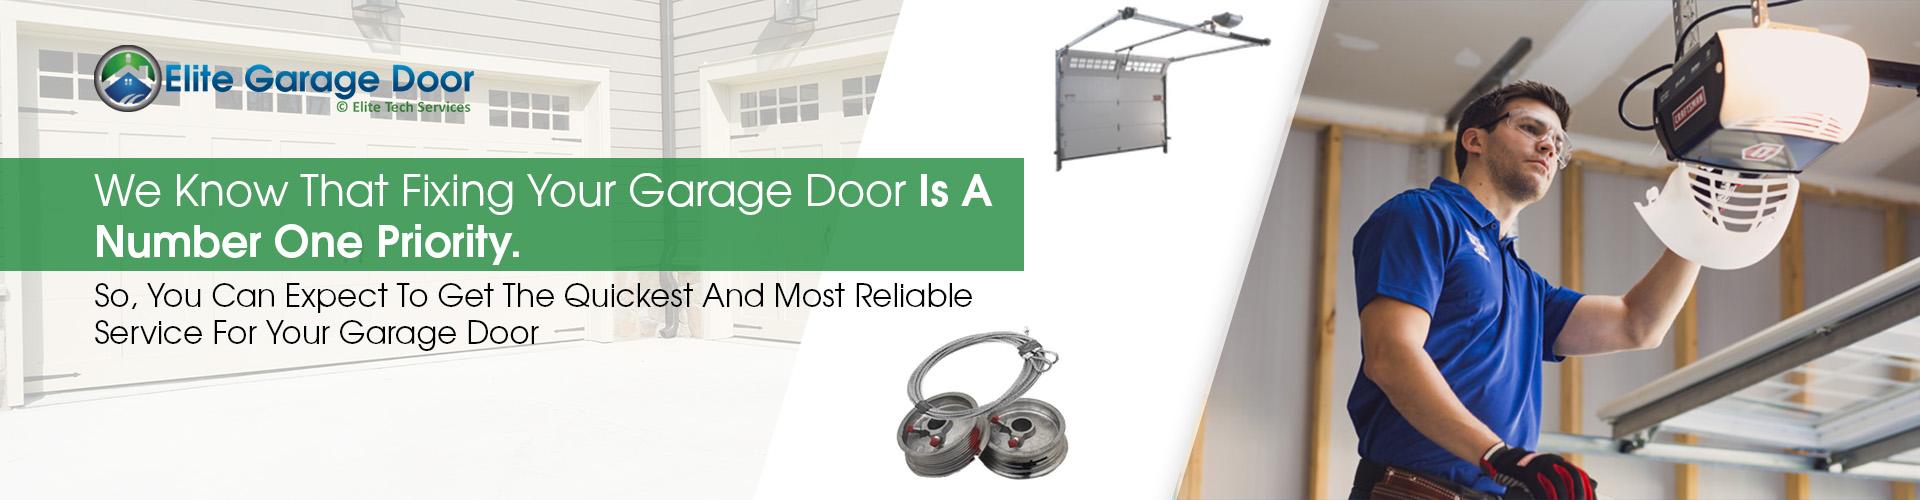 Commercial Garage Door Repair - Elite Tech Services, LLC